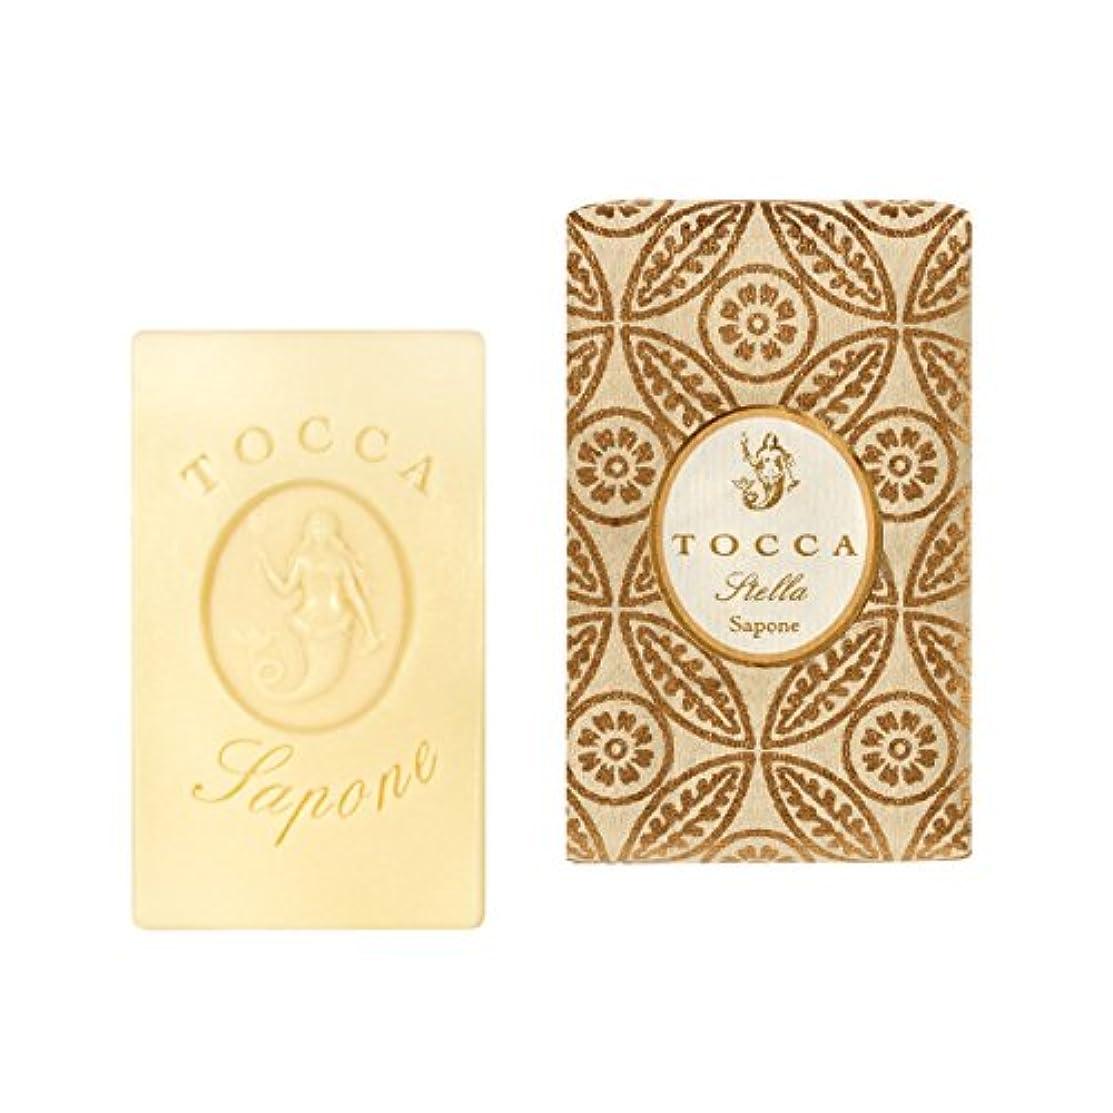 田舎者起きろ位置づけるトッカ(TOCCA) ソープバー ステラの香り 113g(石けん 化粧石けん イタリアンブラッドオレンジが奏でるフレッシュでビターな爽やかさ漂う香り)